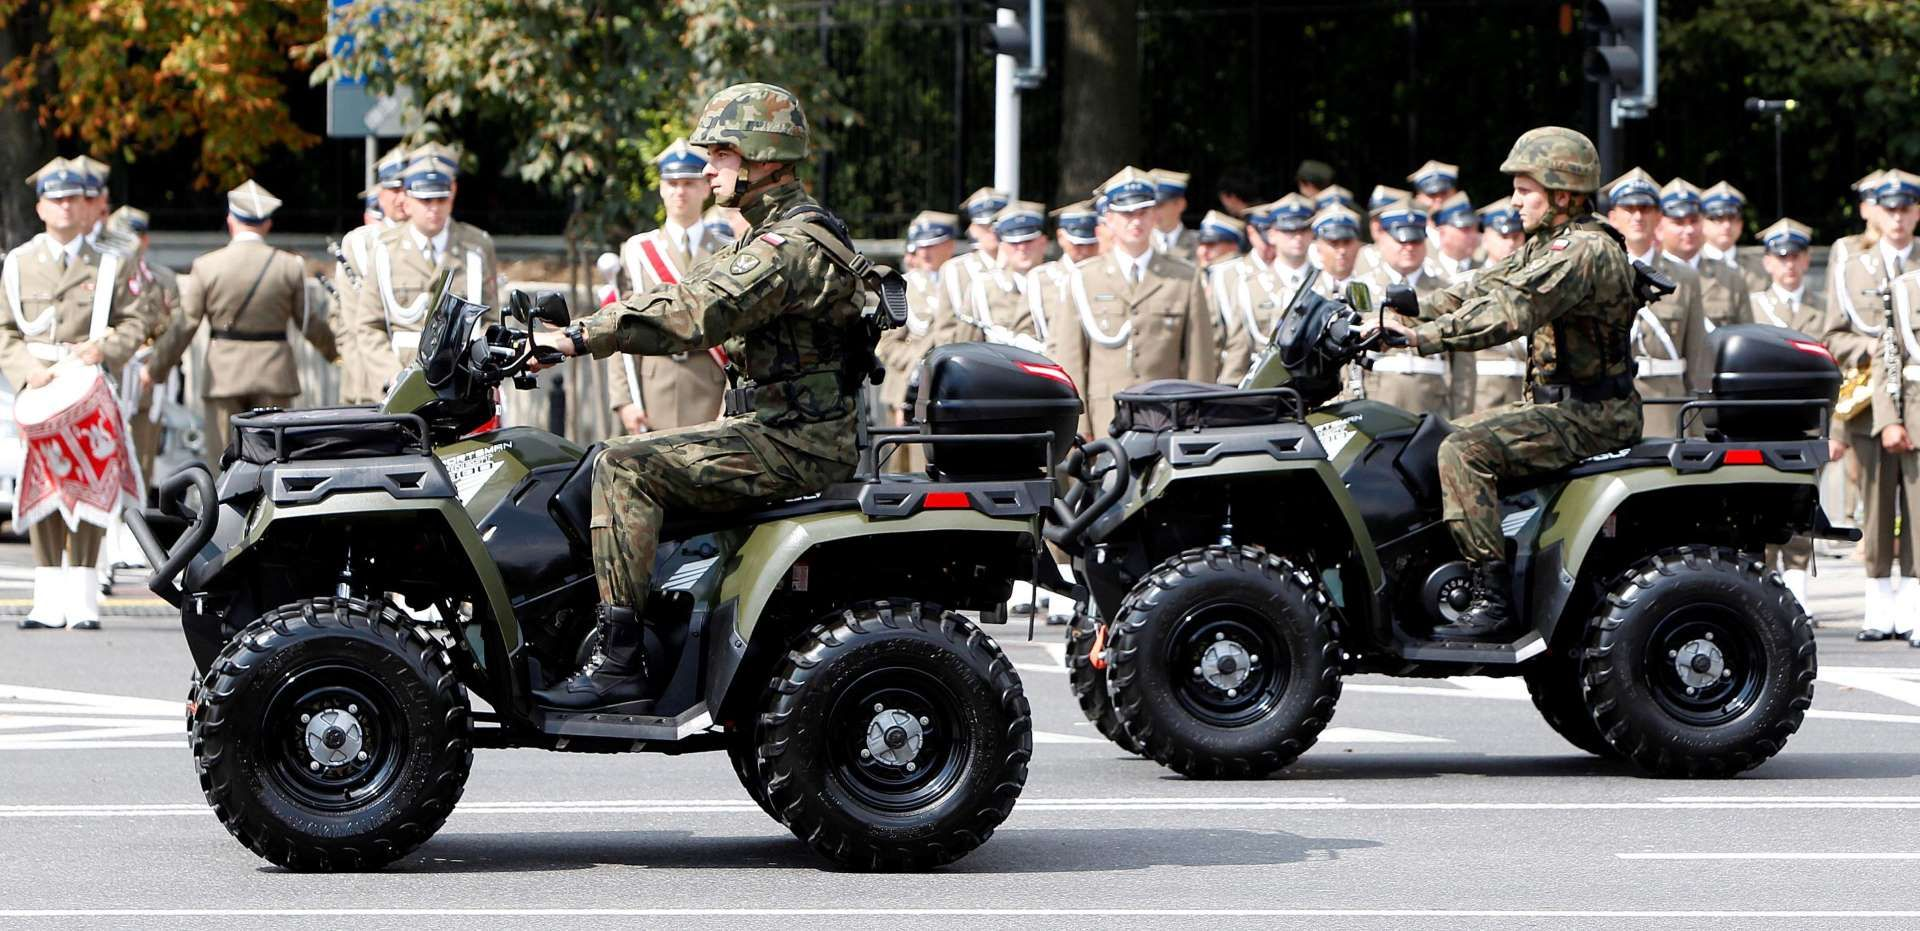 Los Ejércitos Más Poderosos De 2015 Ejercito Formas Del Ojo Colores De Piel